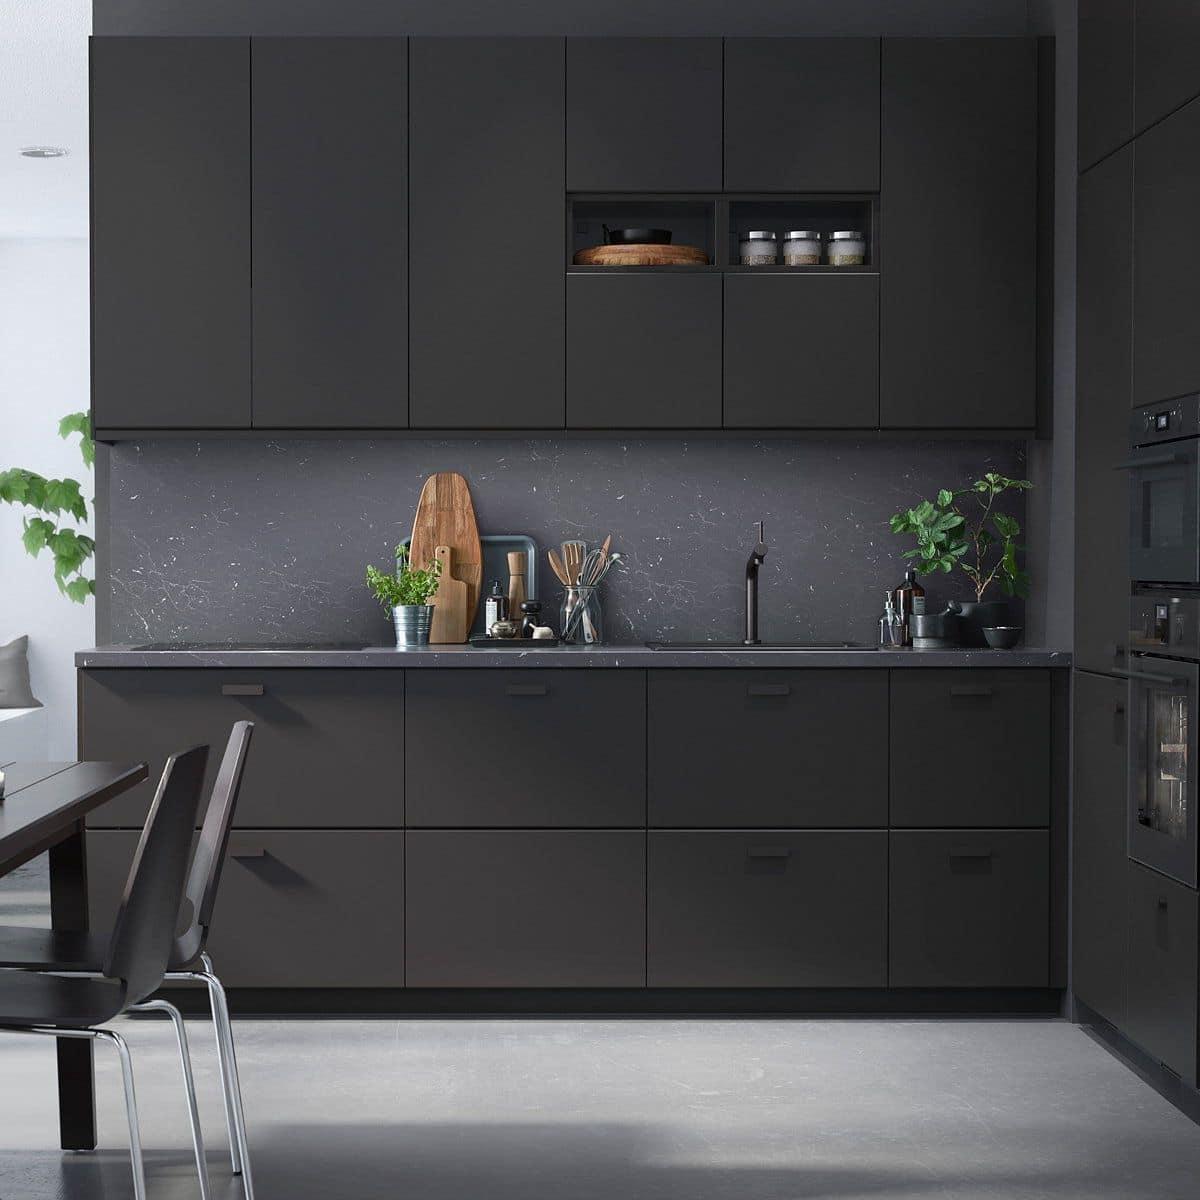 Стильный интерьер кухни в черно-серых тонах